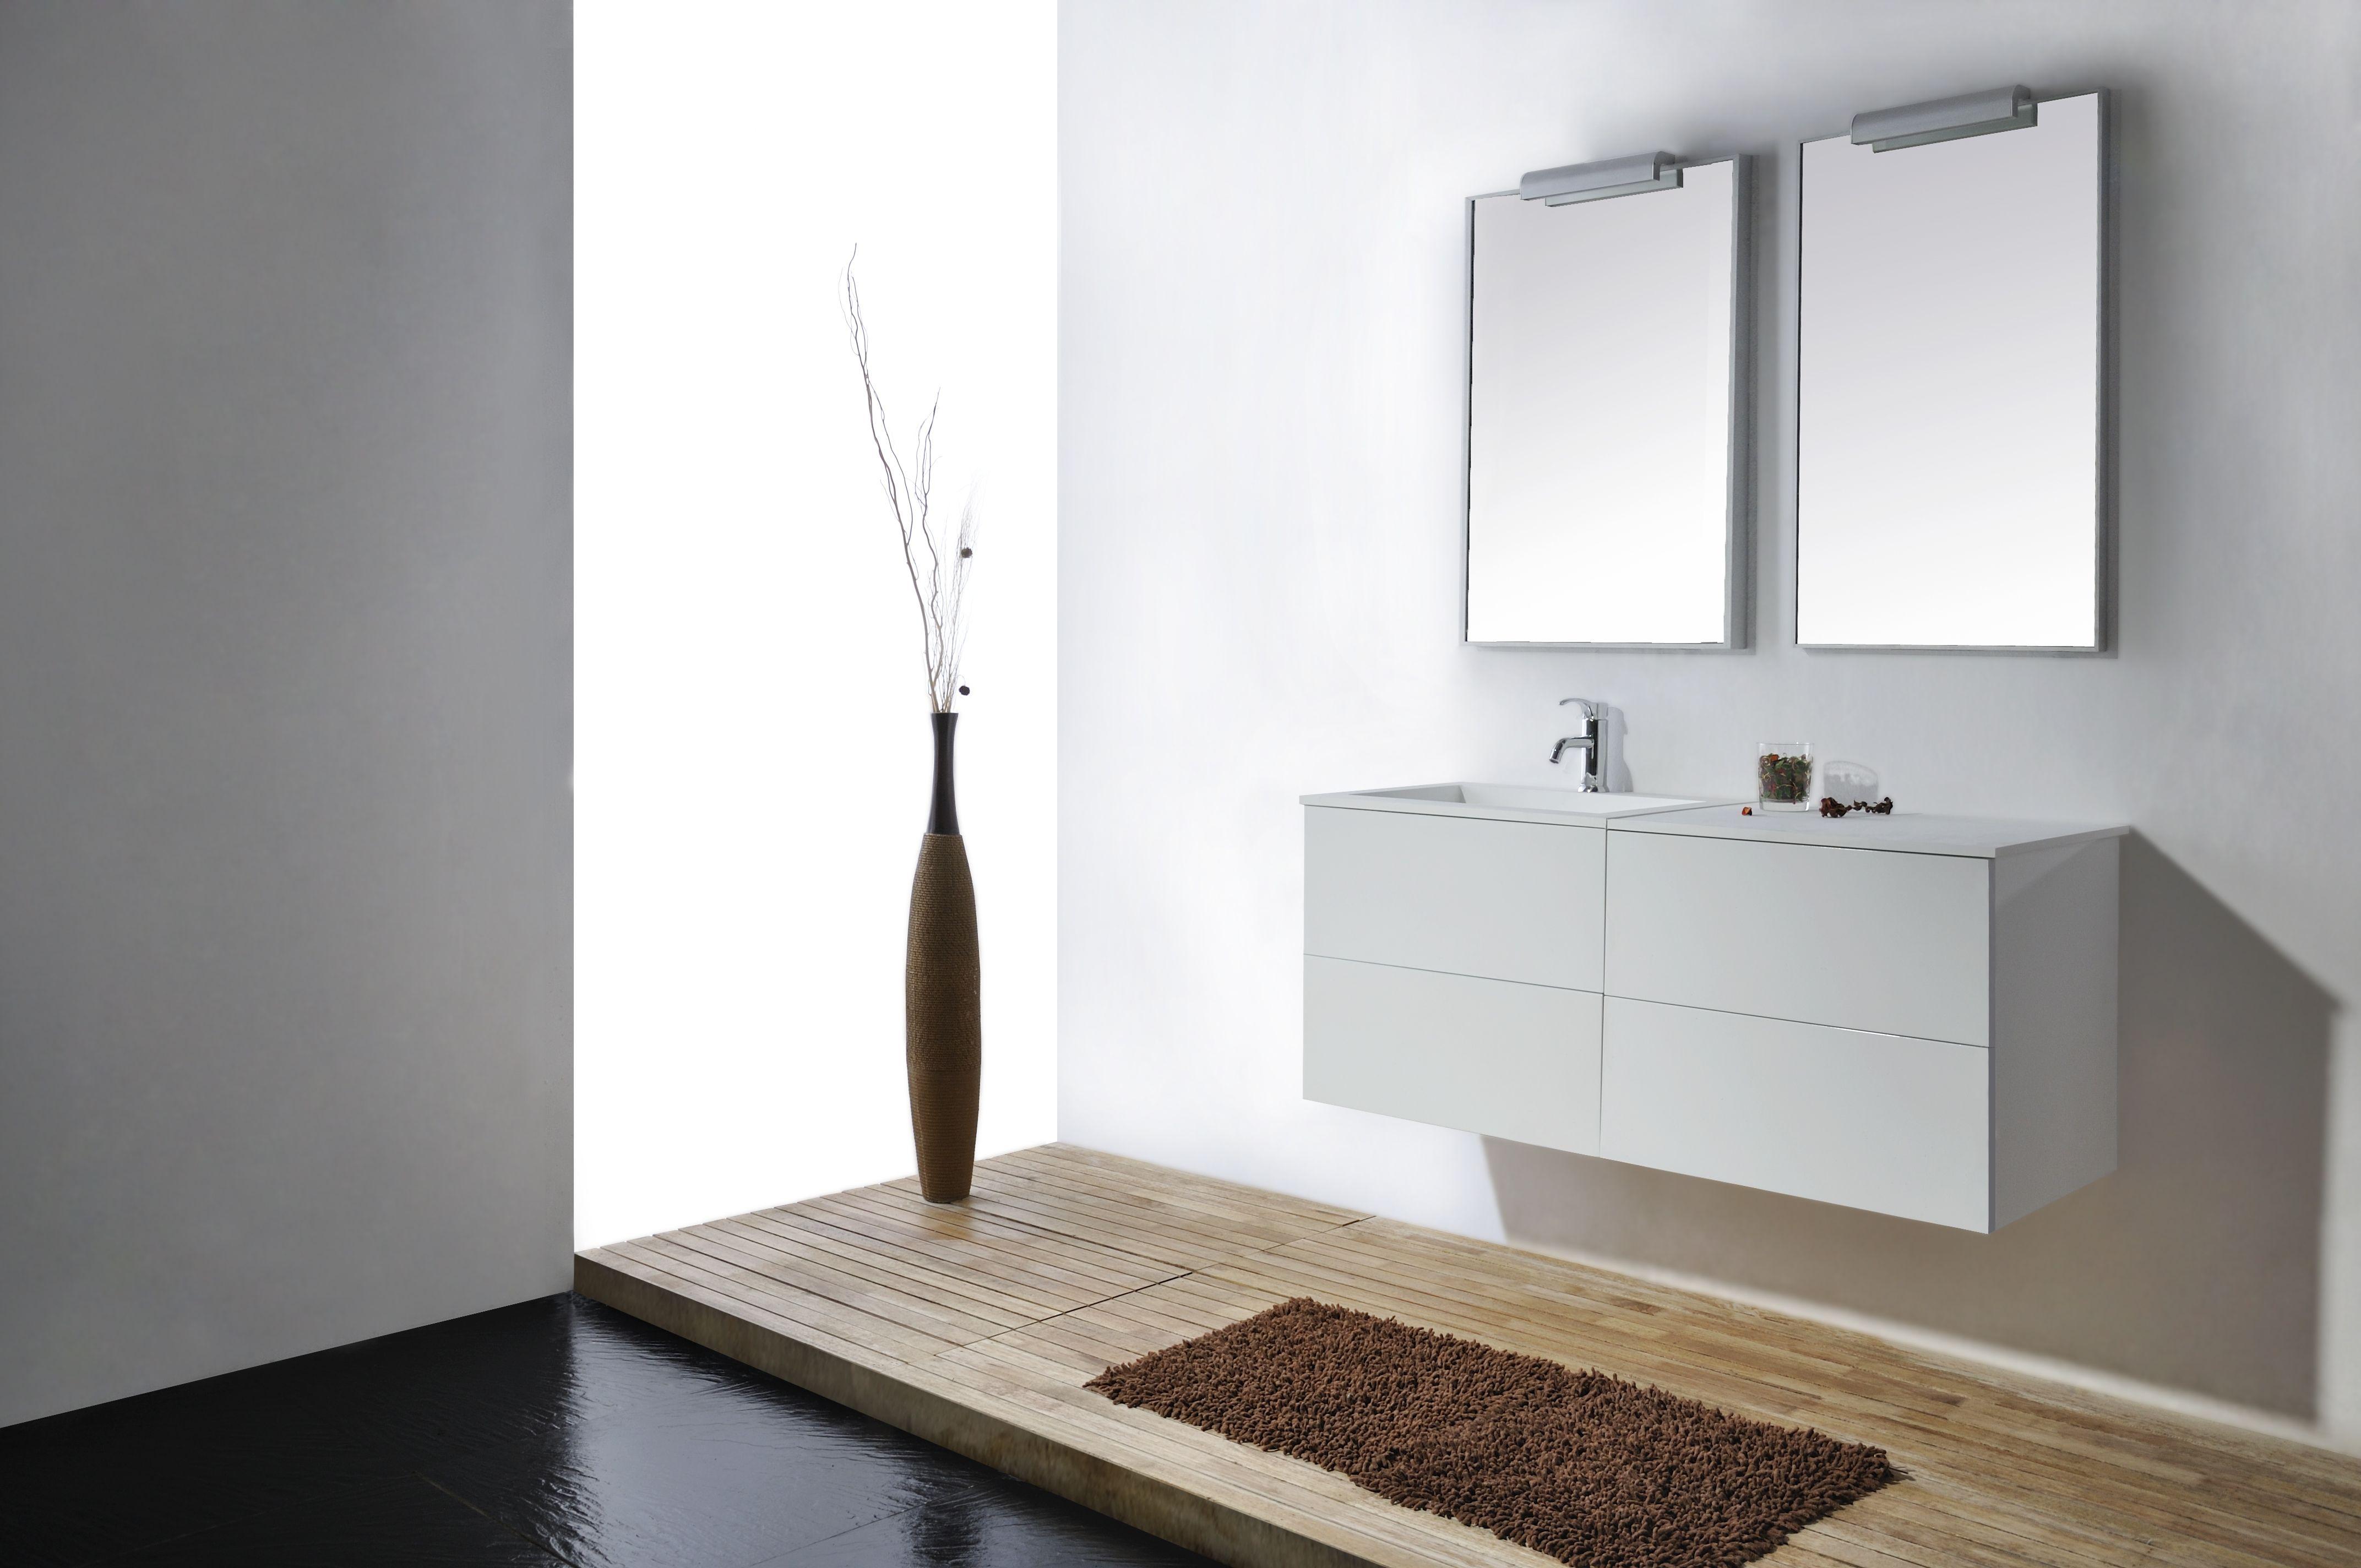 Mineralguss Doppel Waschtisch Eckig Mit Holz Schubladenschrank 120 Cm 0401003 In Der Kategorie Waschtische Mit Unters Unterschrank Schubladenschrank Waschtisch